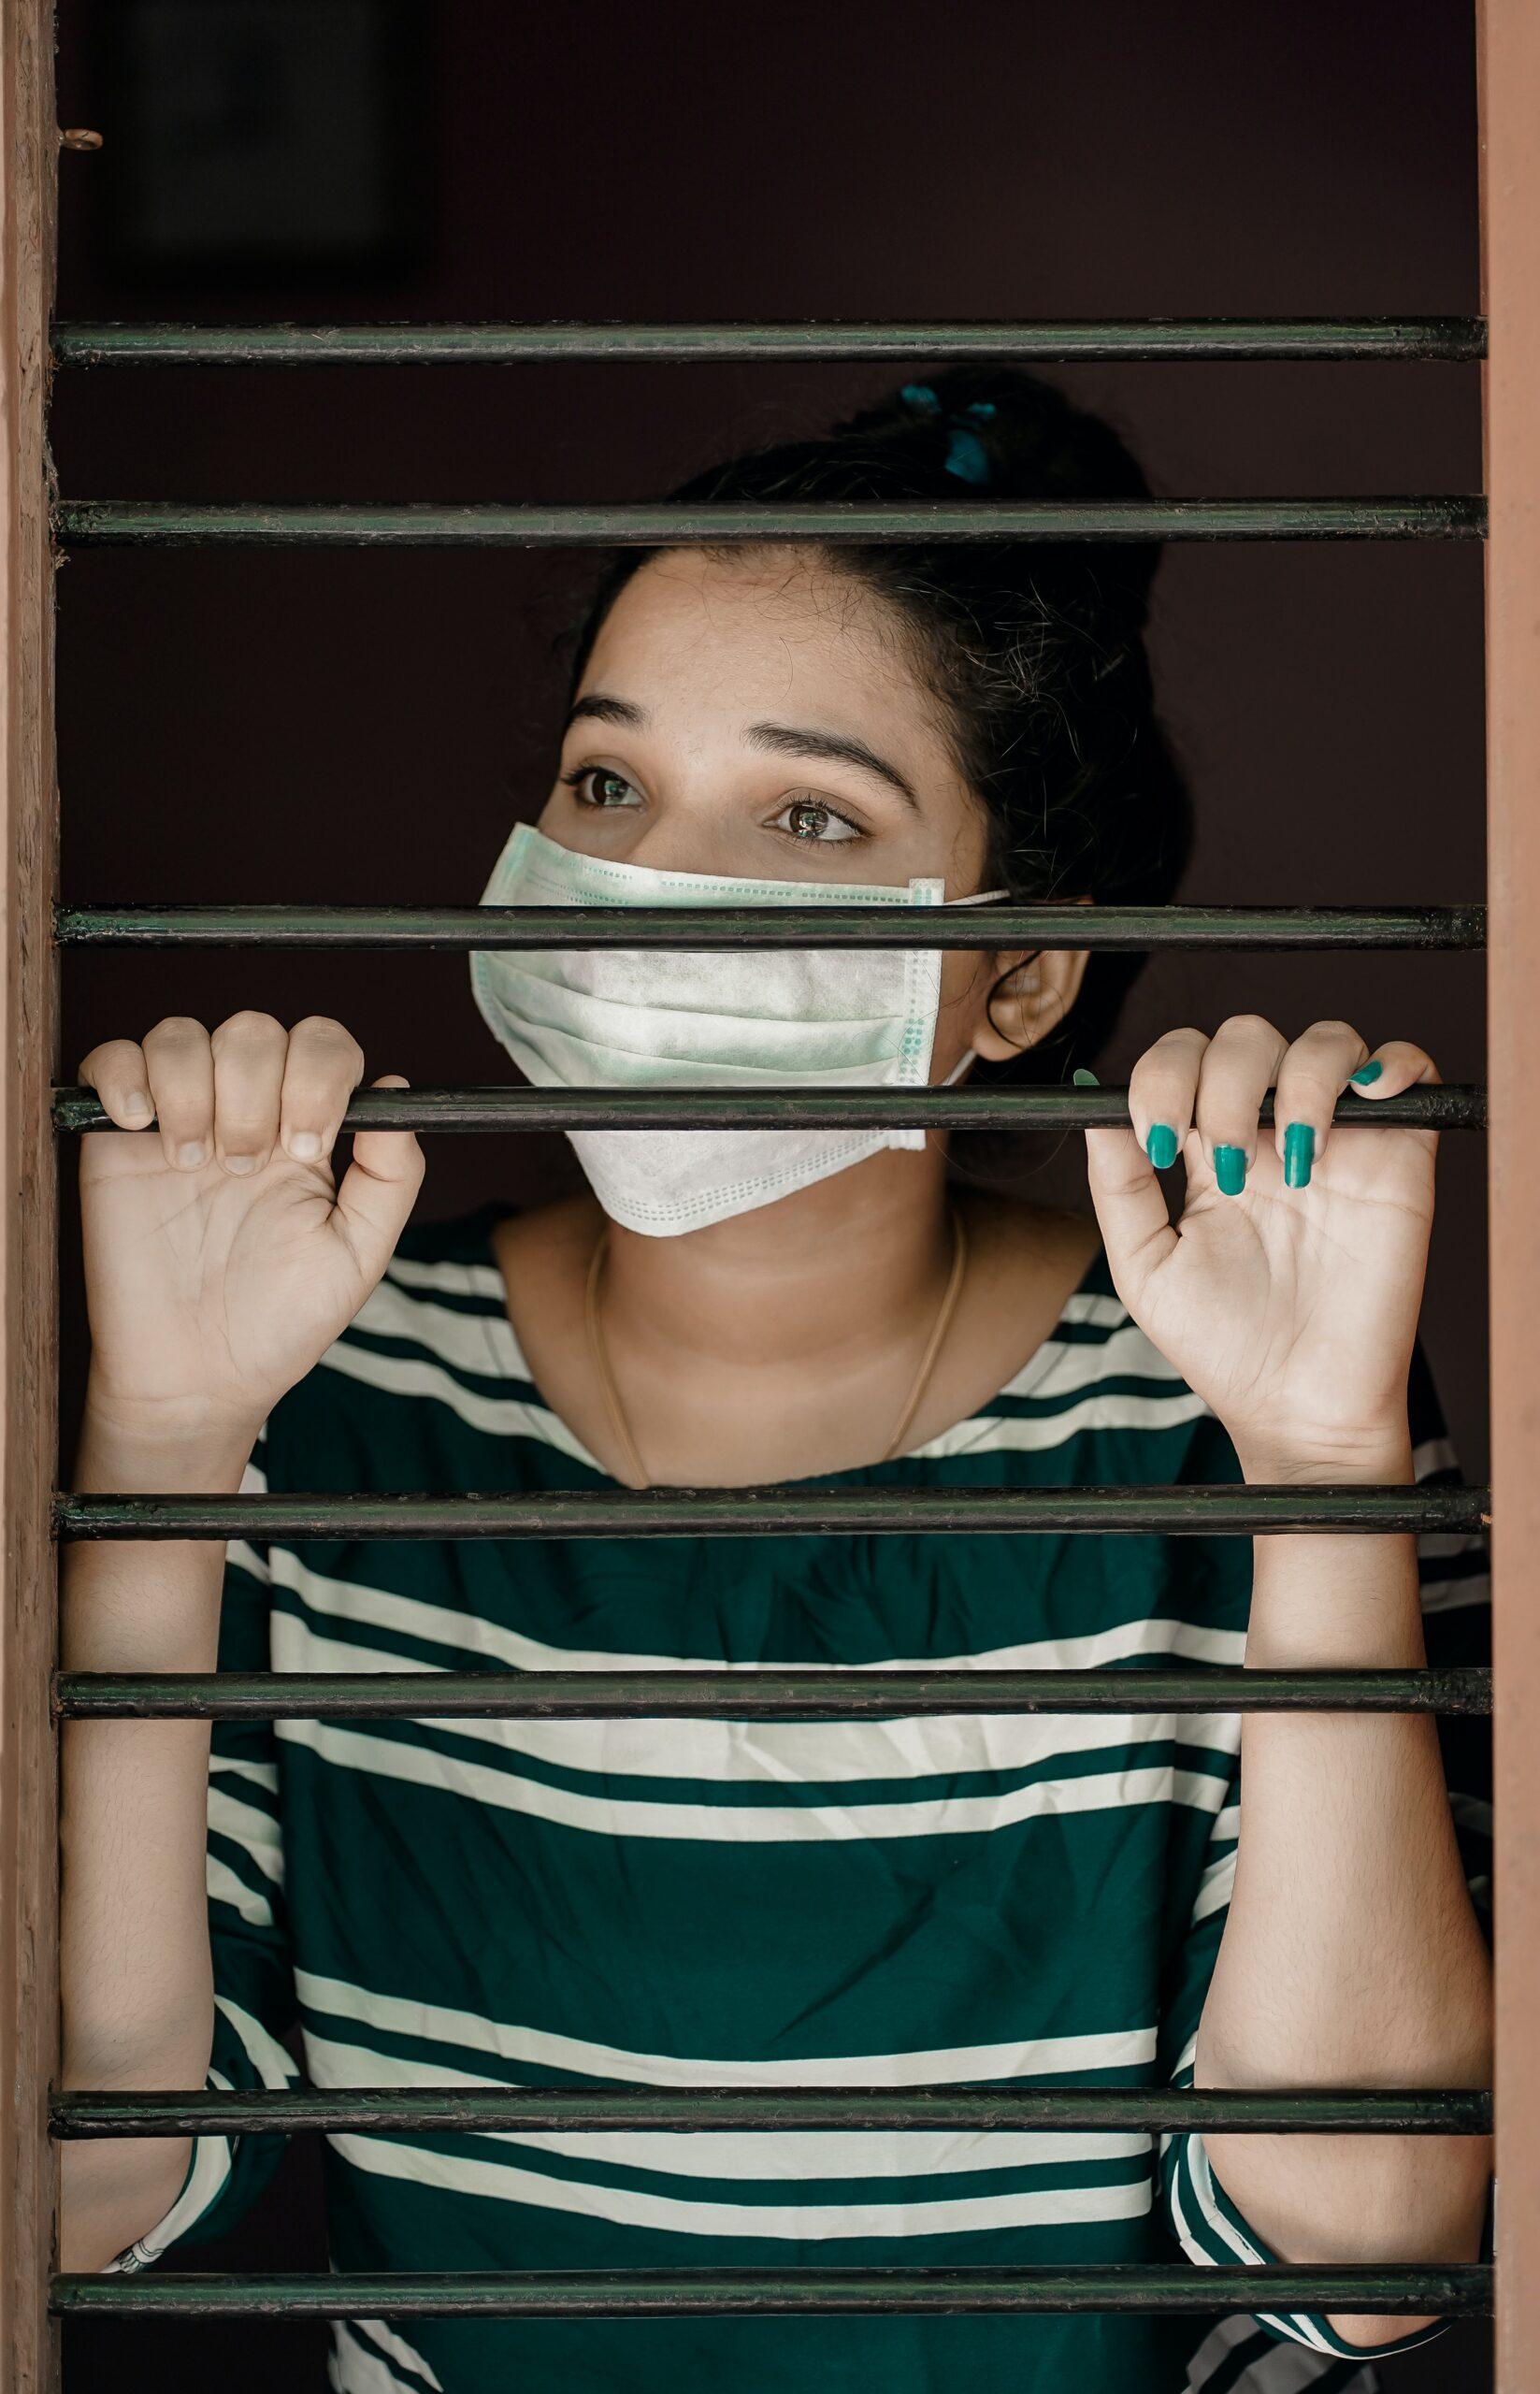 Coronavirus, chica prisionera con mascarilla